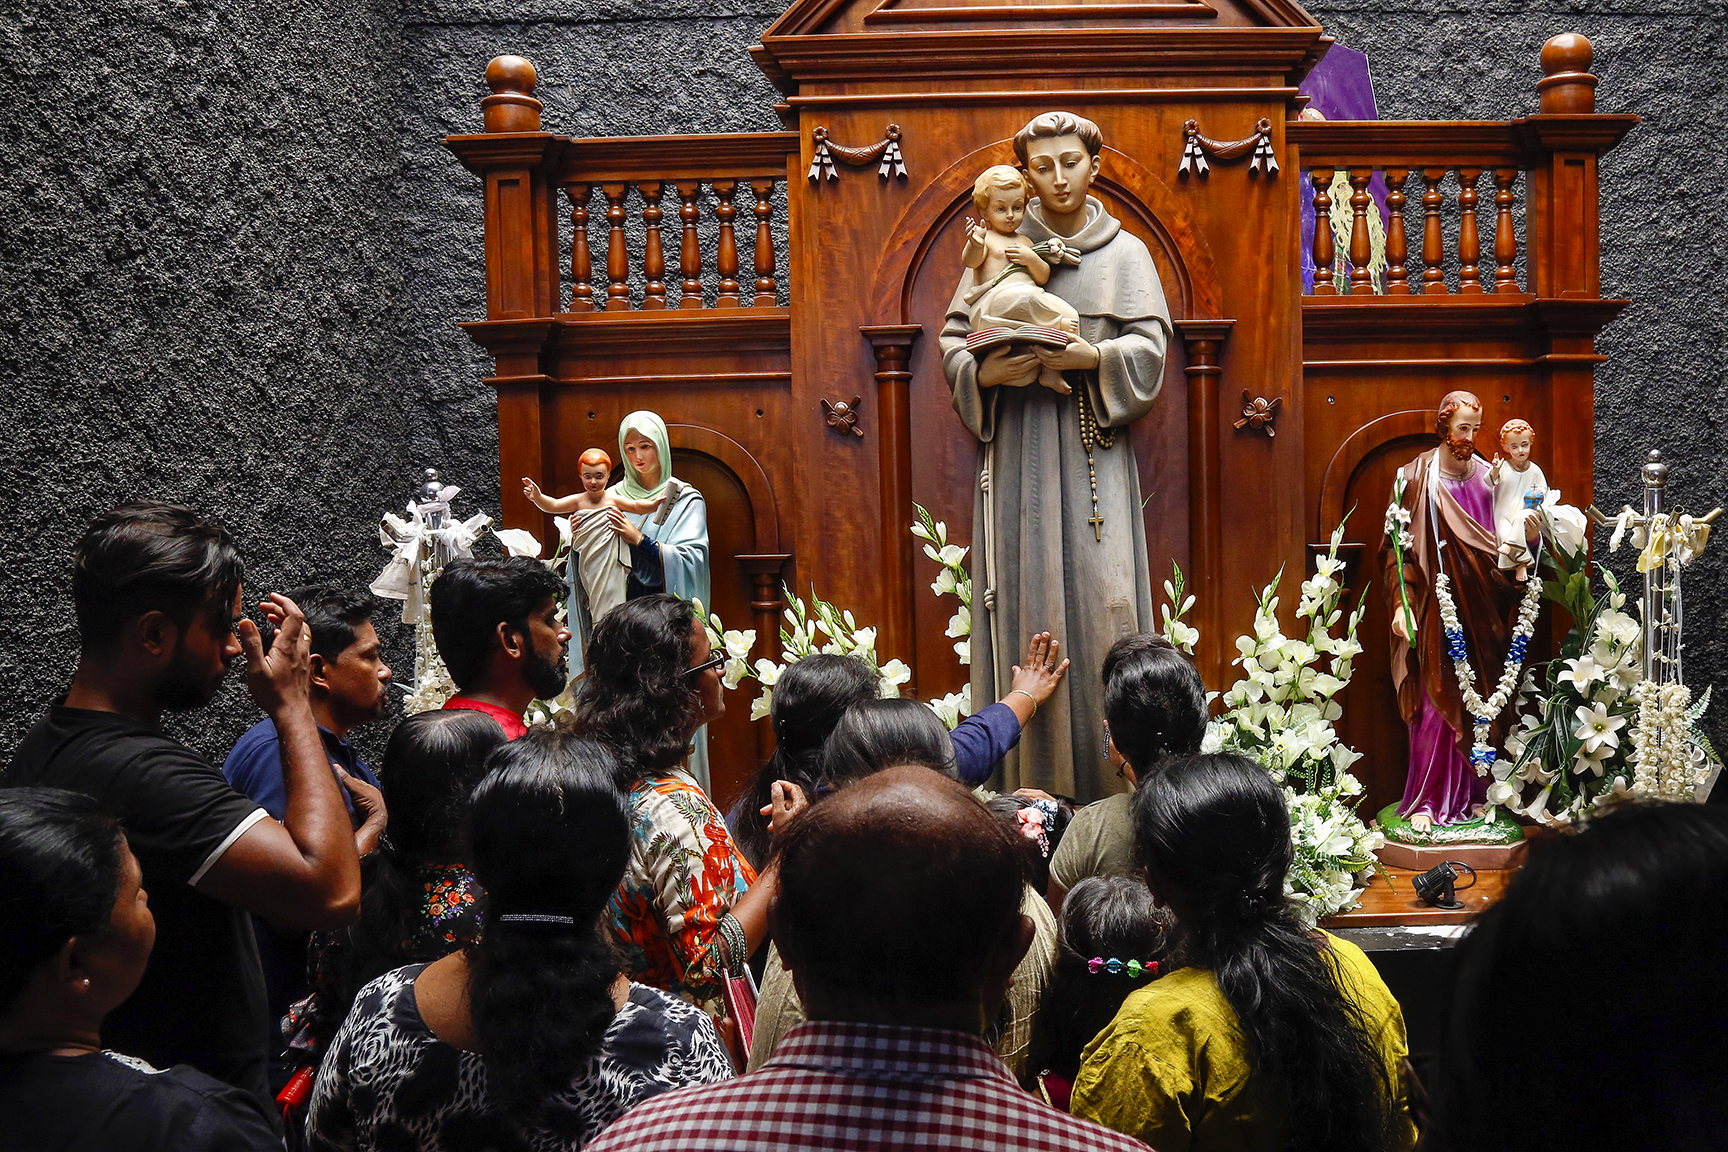 7 de maio de 2019: devotos orando na Igreja de Santo António, parcialmente aberta, pela primeira vez desde o ataque suicida do domingo na Páscoa, em Colombo, Sri Lanka, a 21 de abril de 2019. Foto EPA/M.A.PUSHPA KUMARA